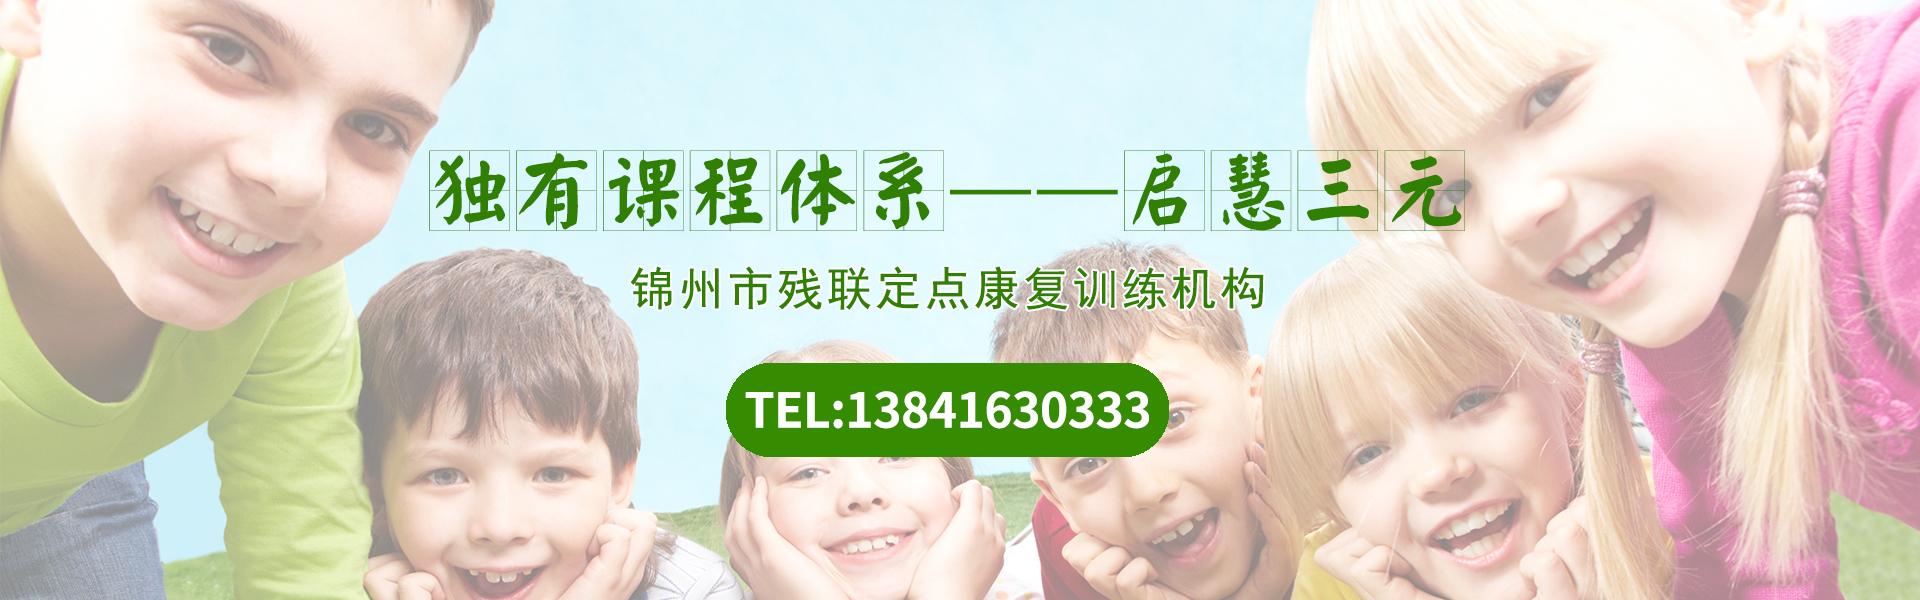 沈阳自闭症 沈阳语言发育迟缓 锦州多动症 锦州注意力不集中 锦州学习障碍